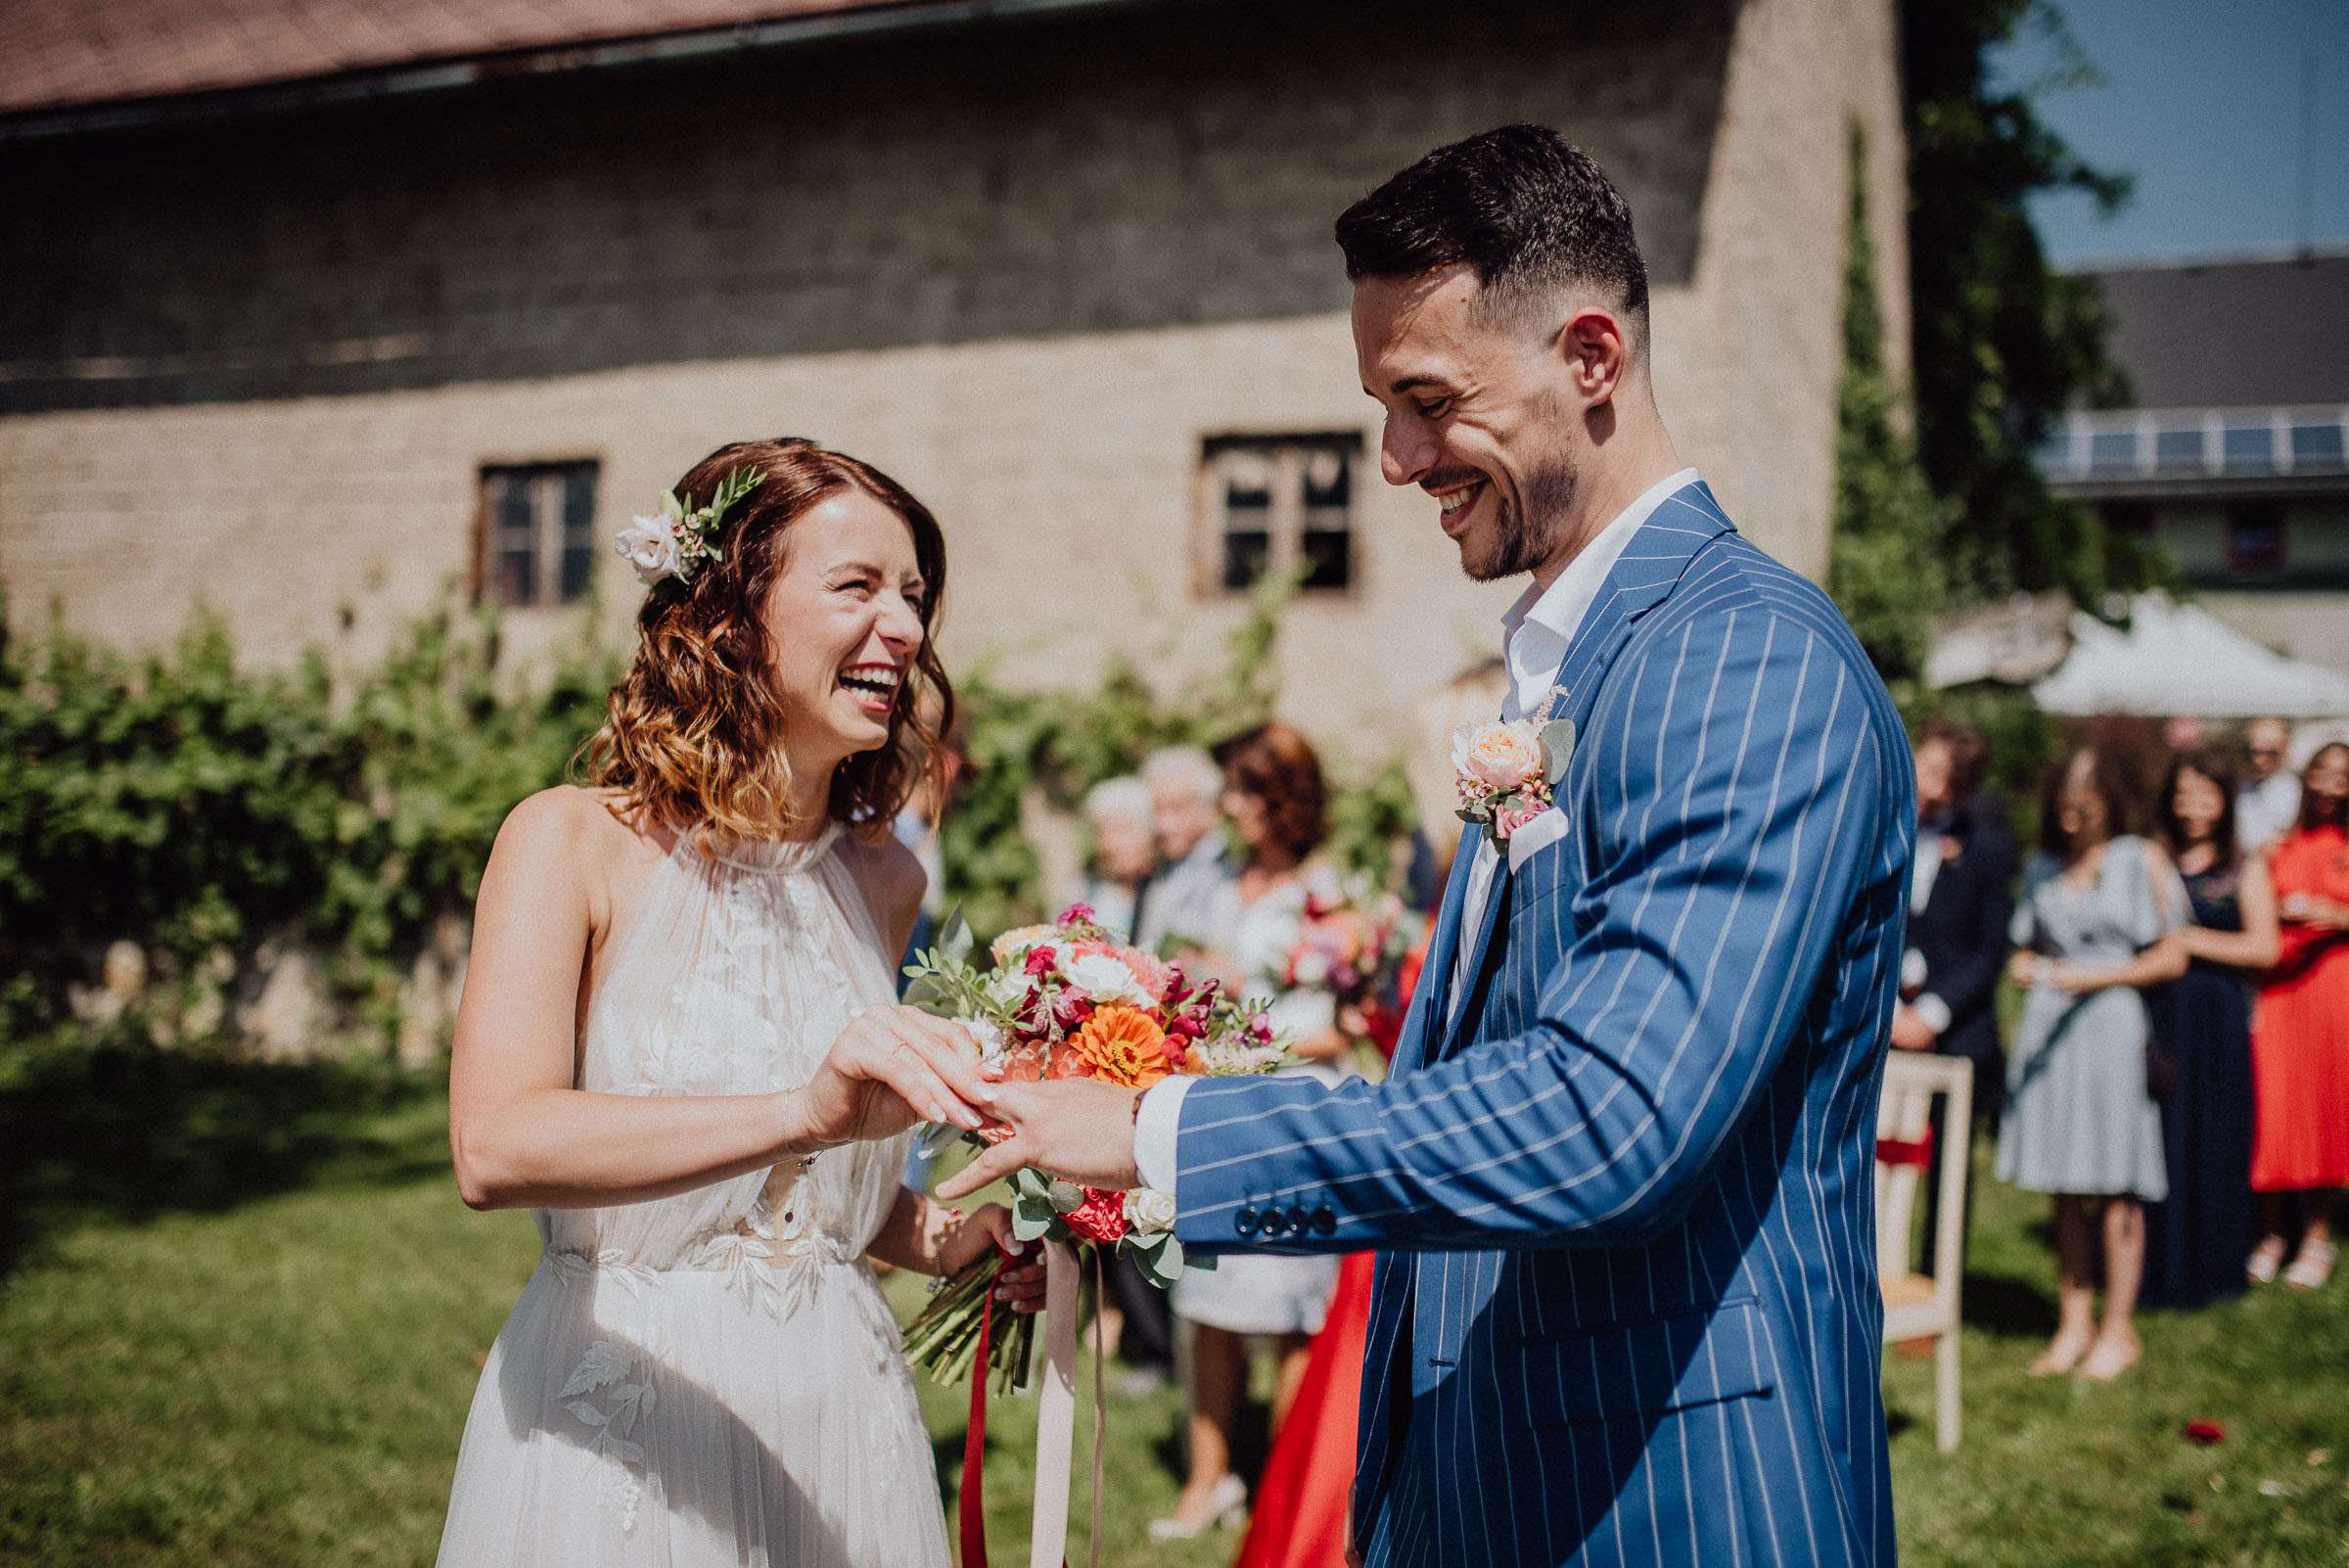 Ženich s nevěstou si vyměňují prstýnky svatba Orlické hory